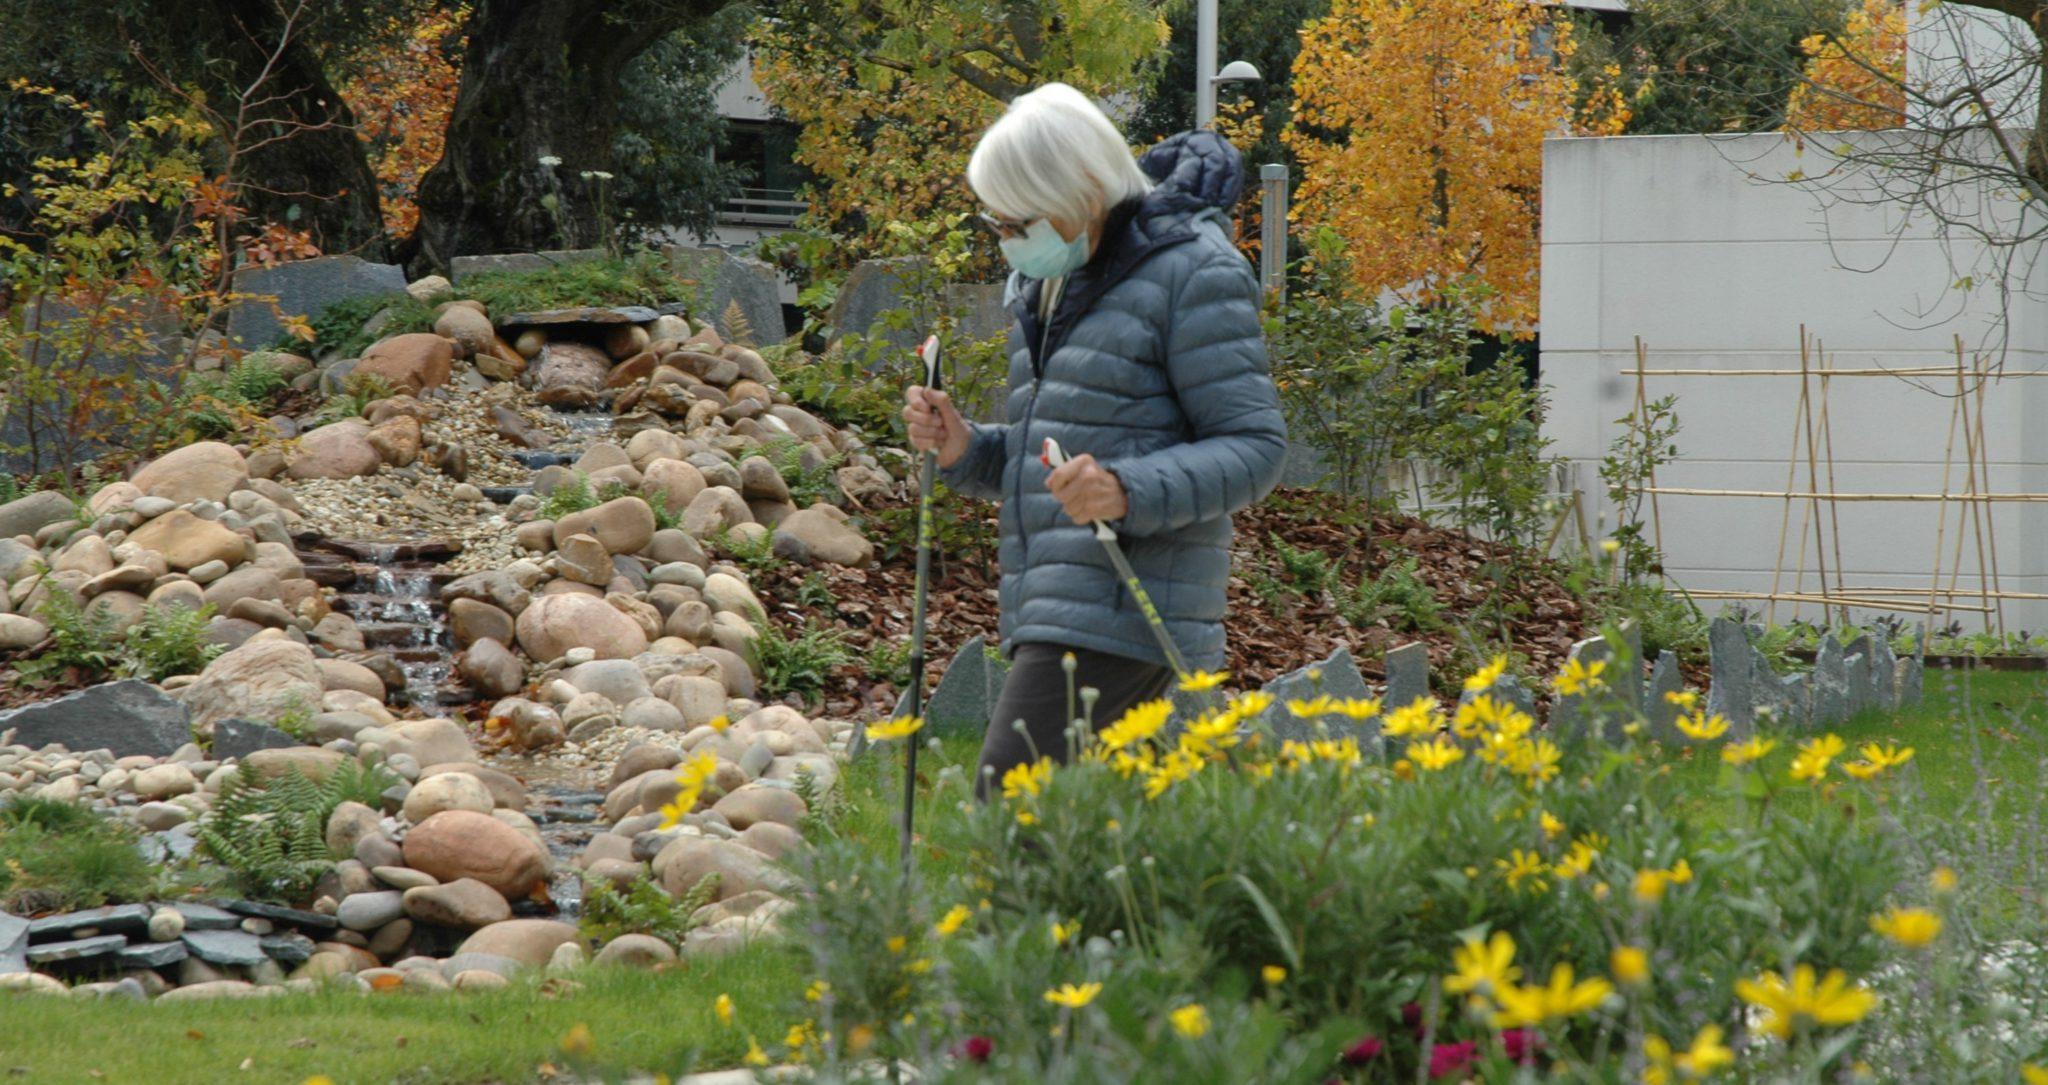 Residente de la Casa de Misericordia realiza marcha nórdica en sus jardines.